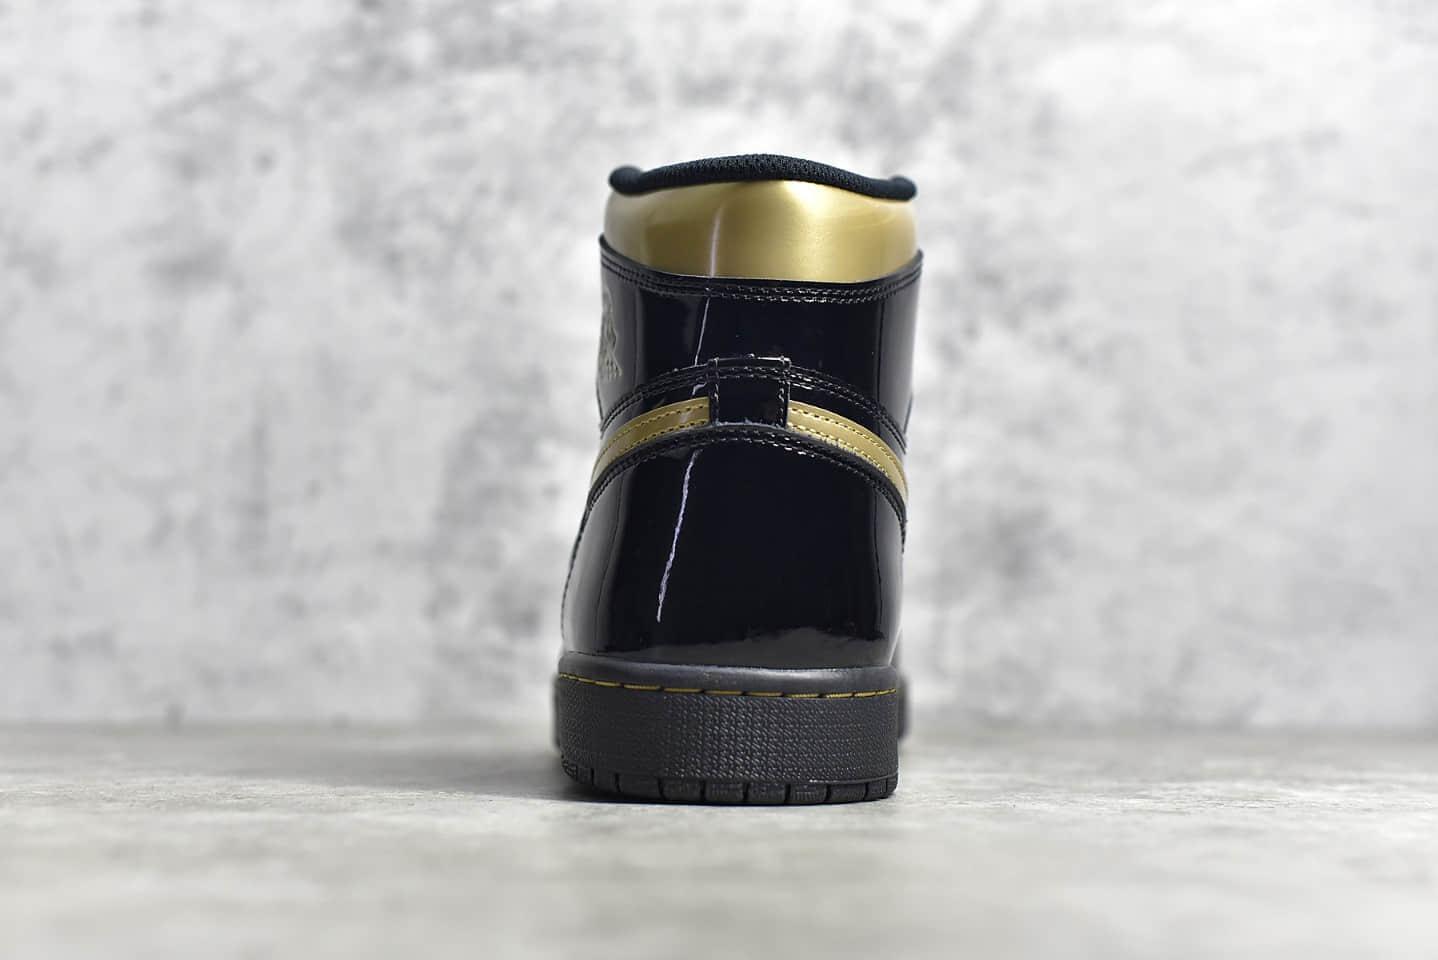 """AJ1黑金高帮鞋 Air Jordan 1 """" Black Metallic Gold """"黑金 公司正品级别原厂AJ供应 货号:555088-032-潮流者之家"""